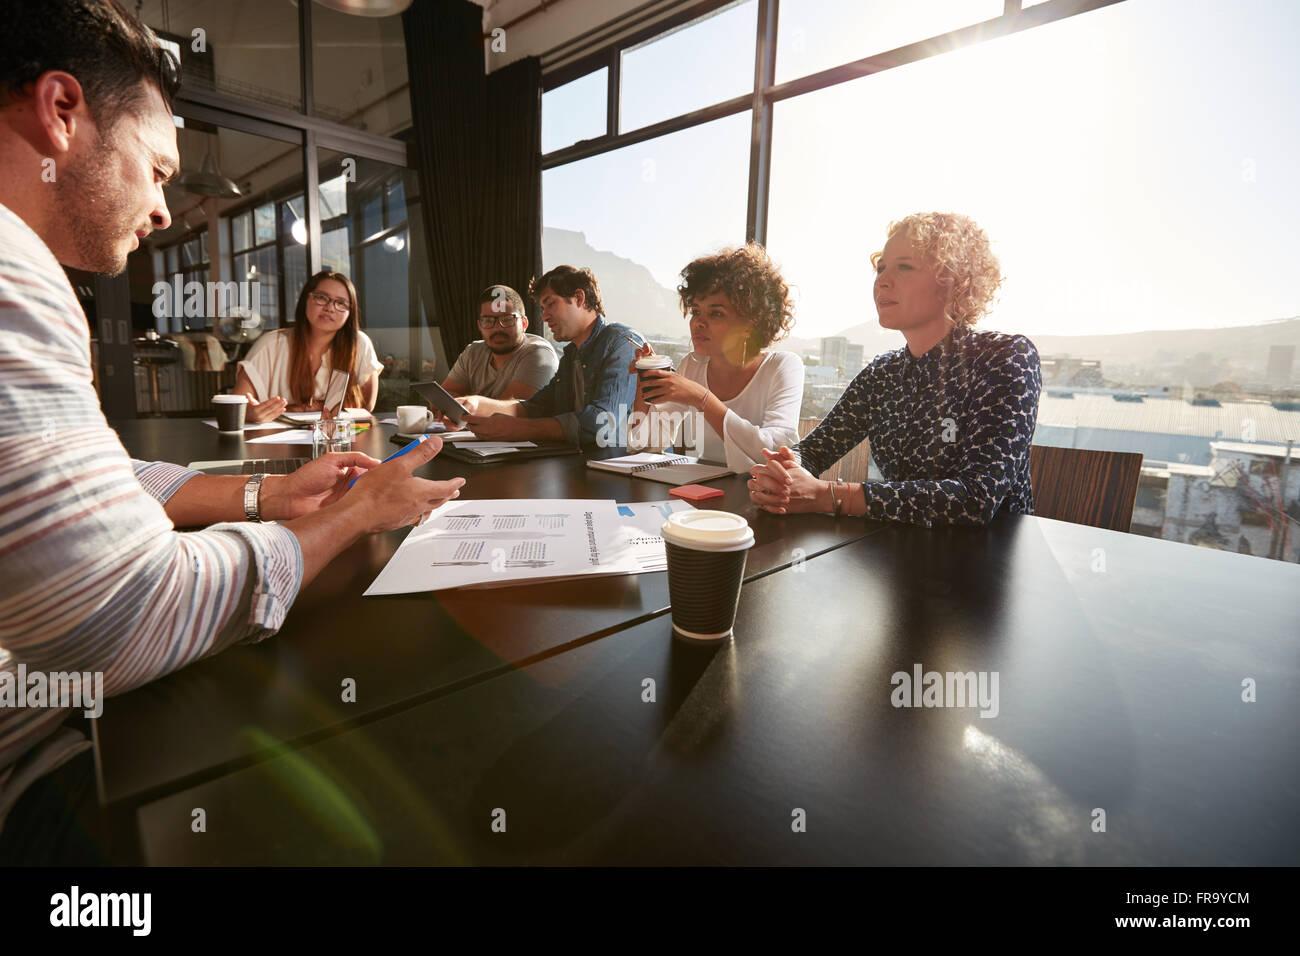 Ritratto del team Creative seduti attorno a un tavolo per discutere di nuovi piani di progetto. Razza mista persone Immagini Stock